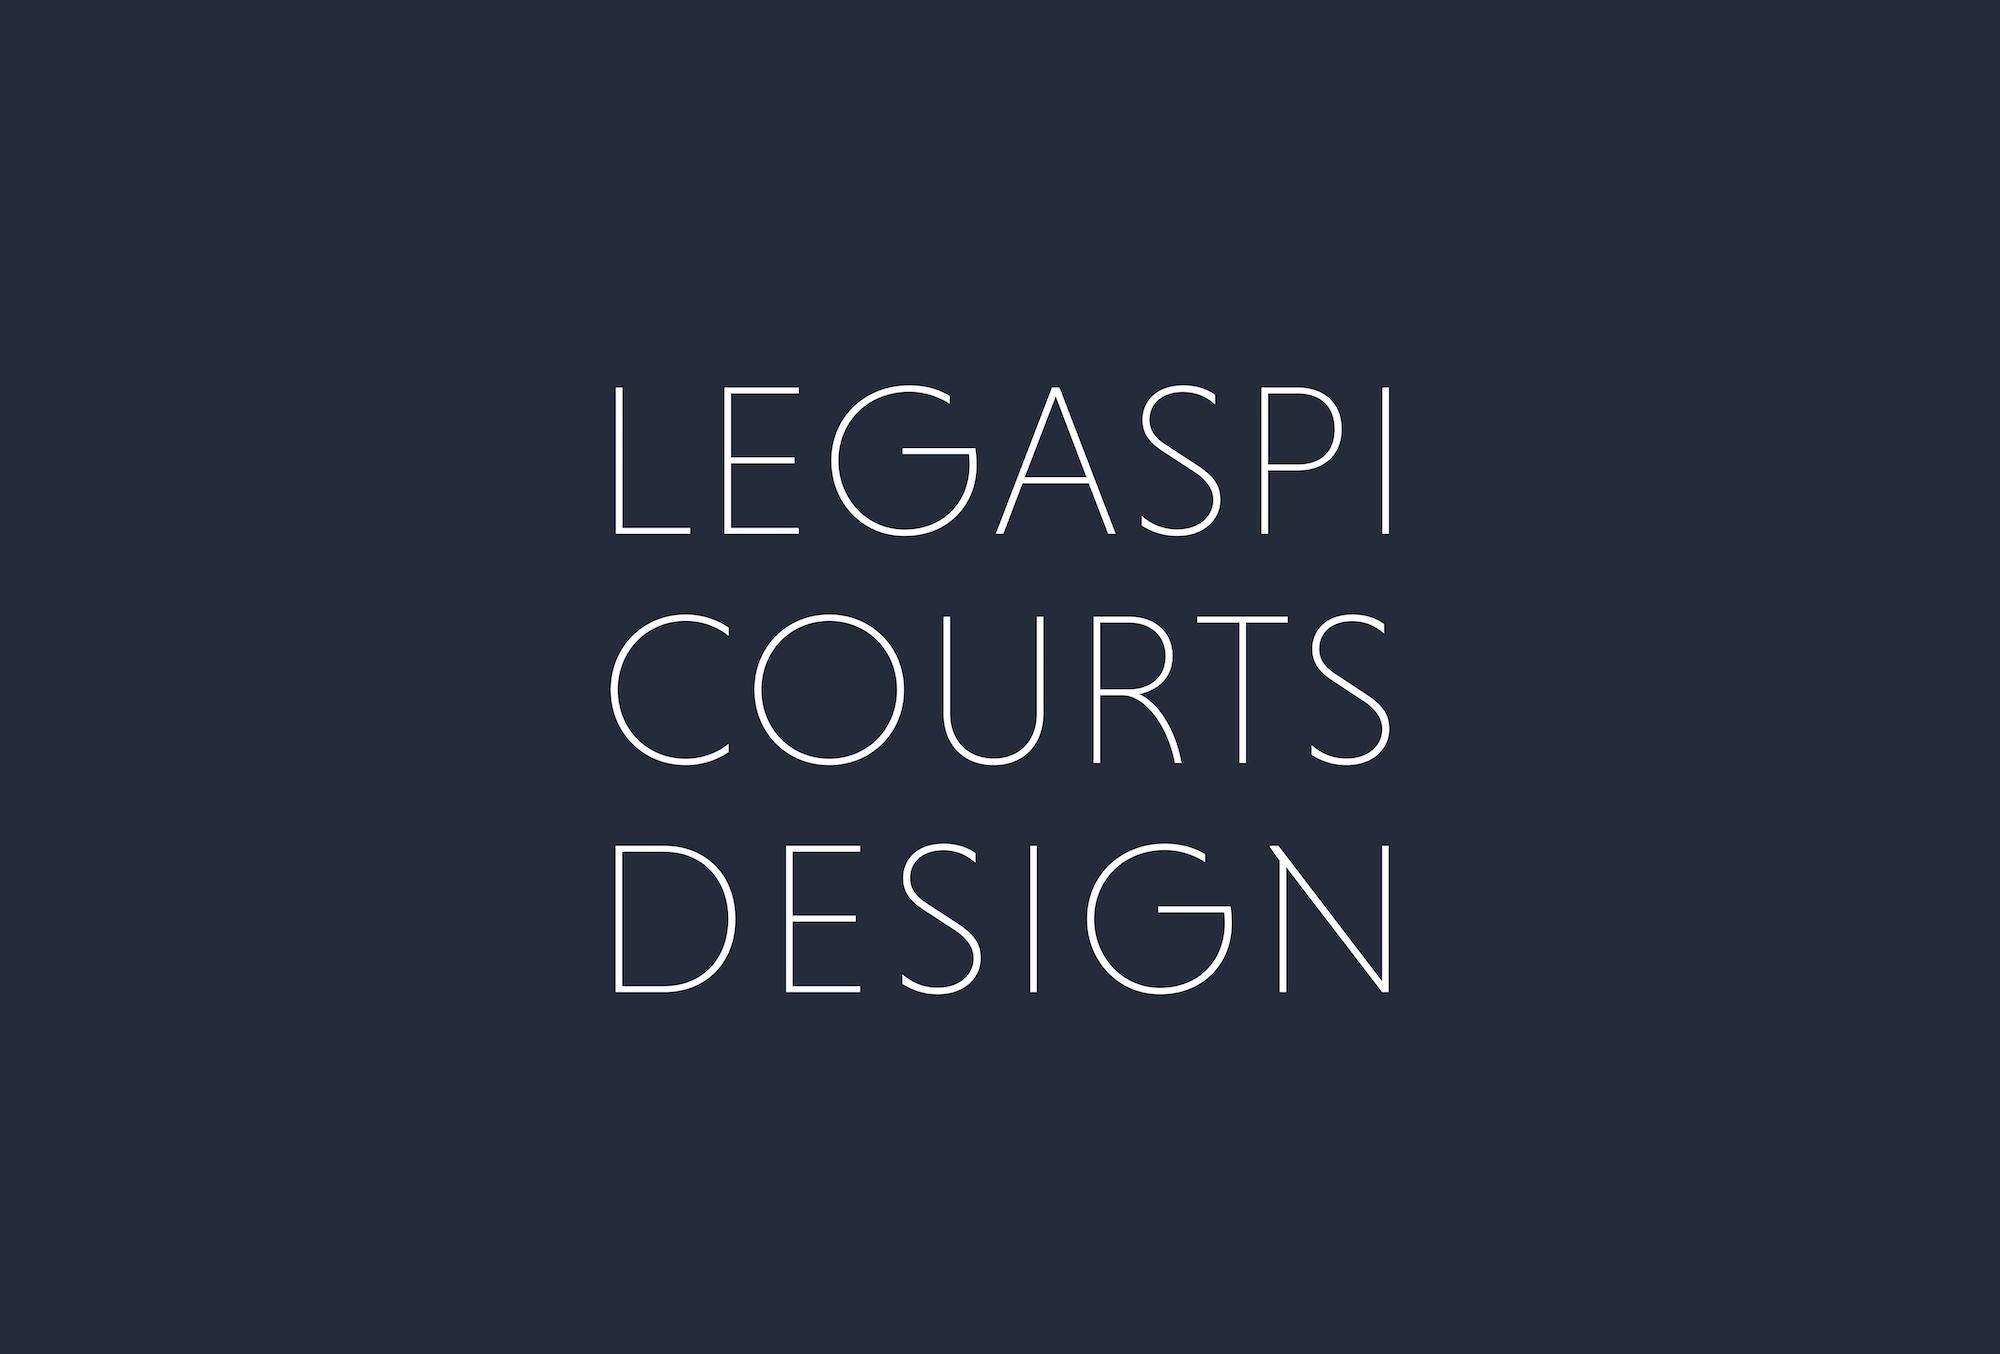 Legaspi Courts Design